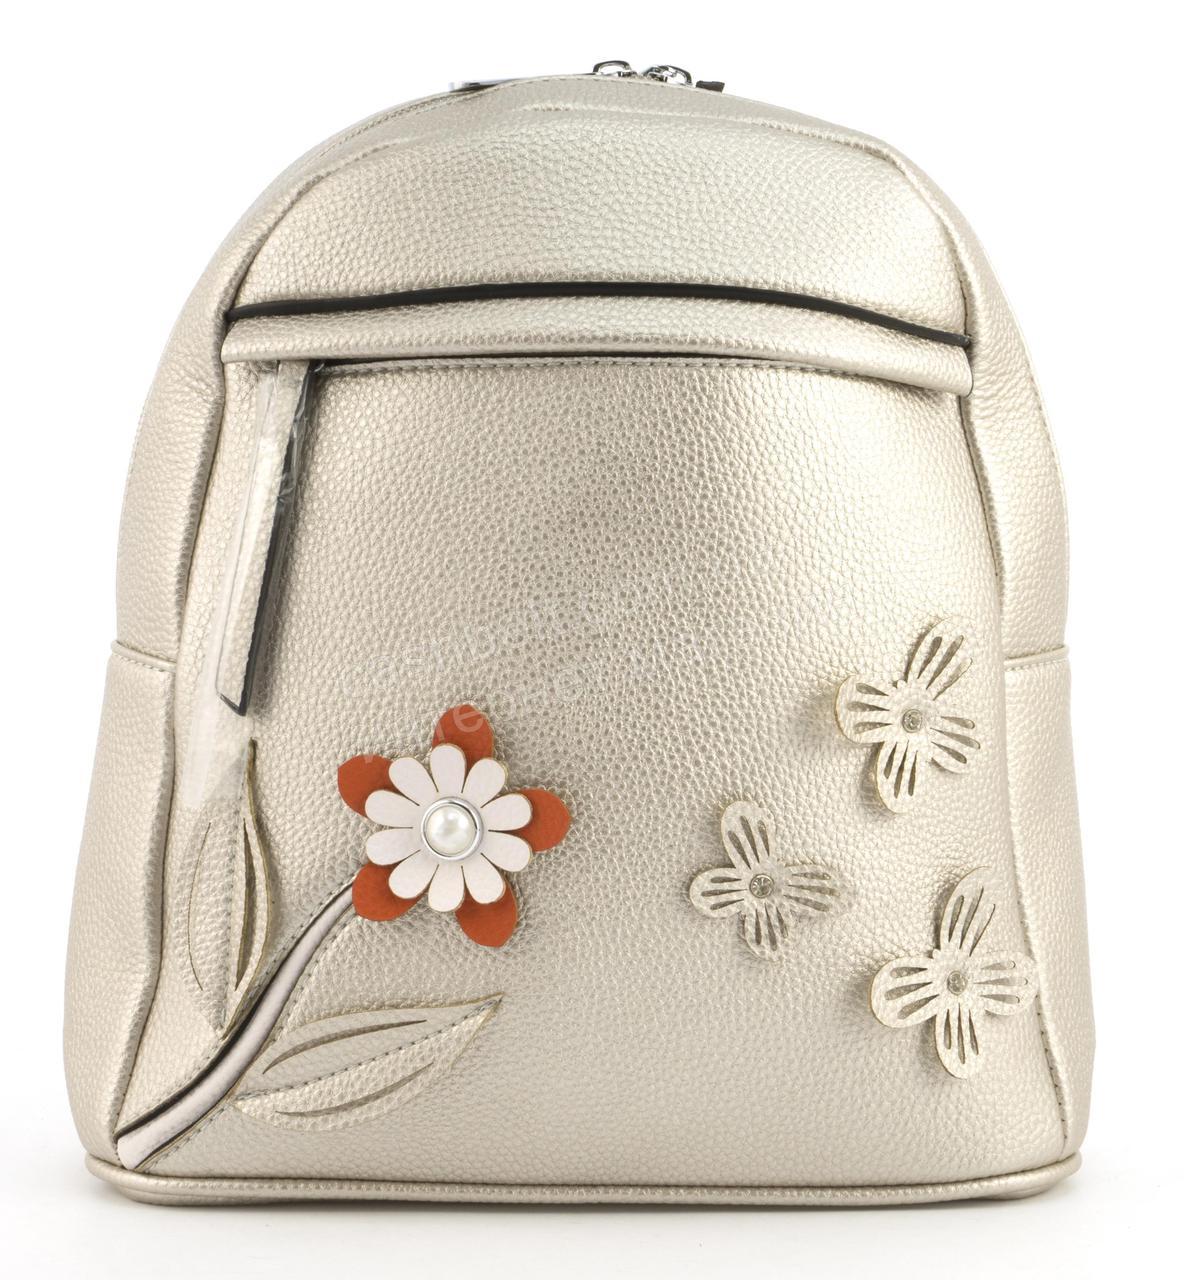 Стильный и качественный оригинальный рюкзак с цветочками Suliya art. GJ71 серебристая